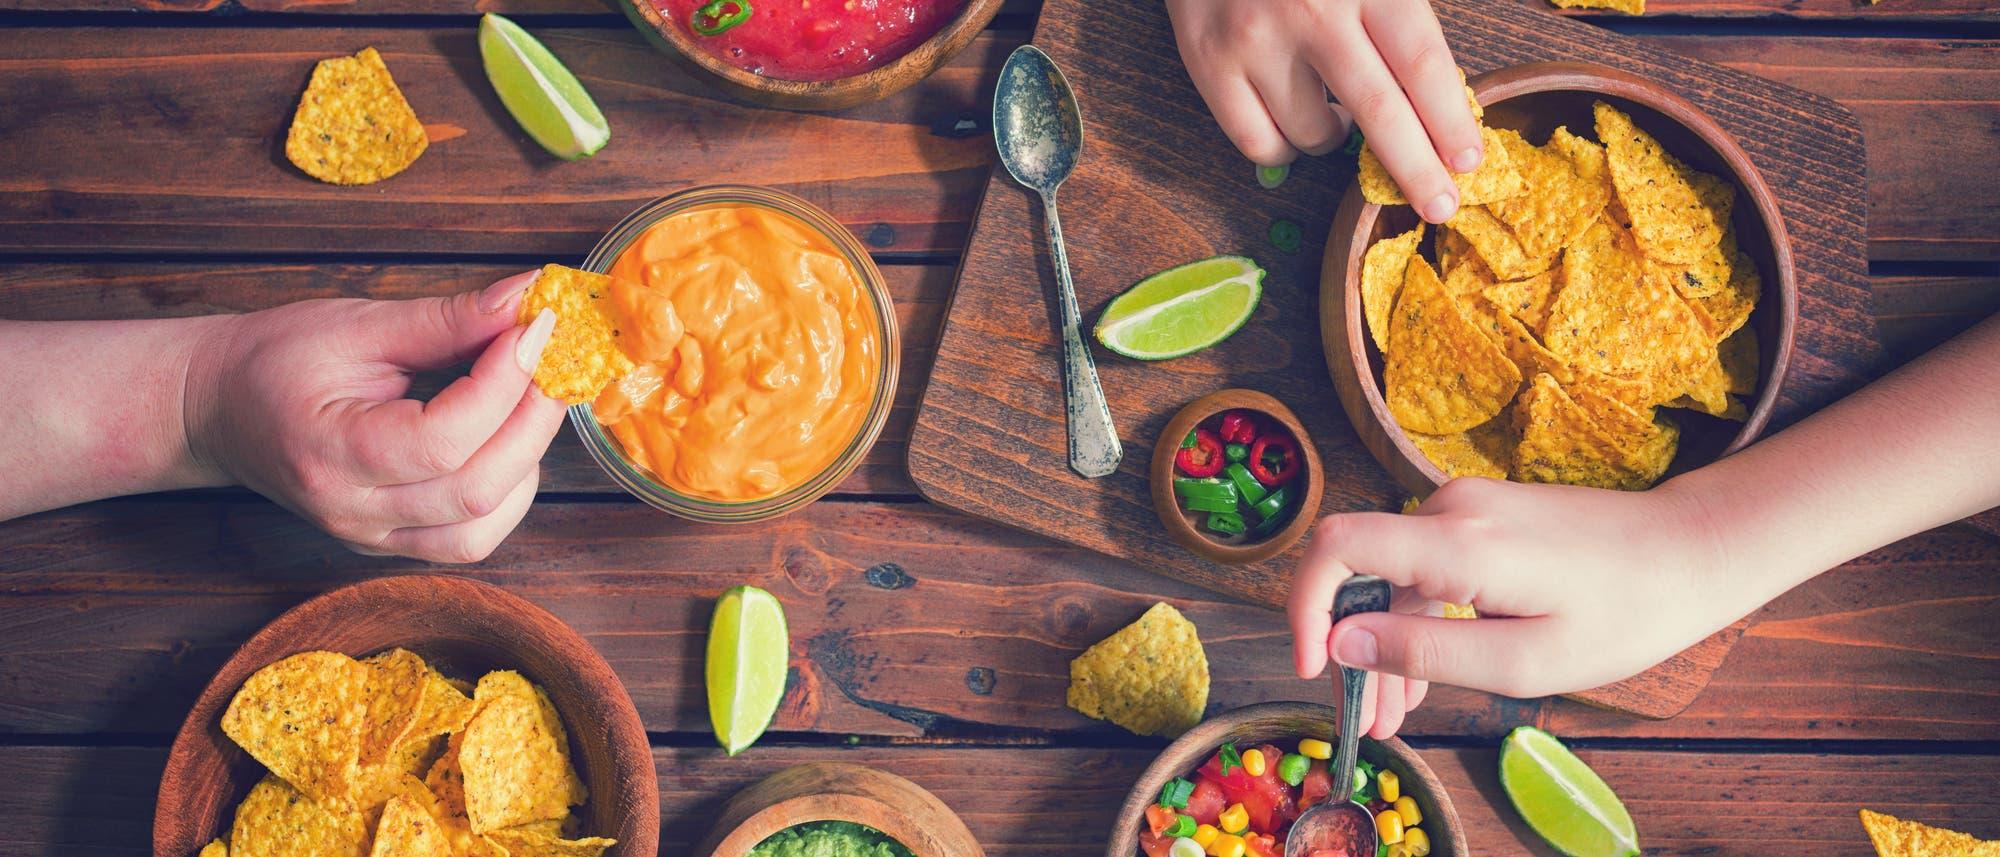 Drei Hände greifen nach Snacks auf einem Tisch